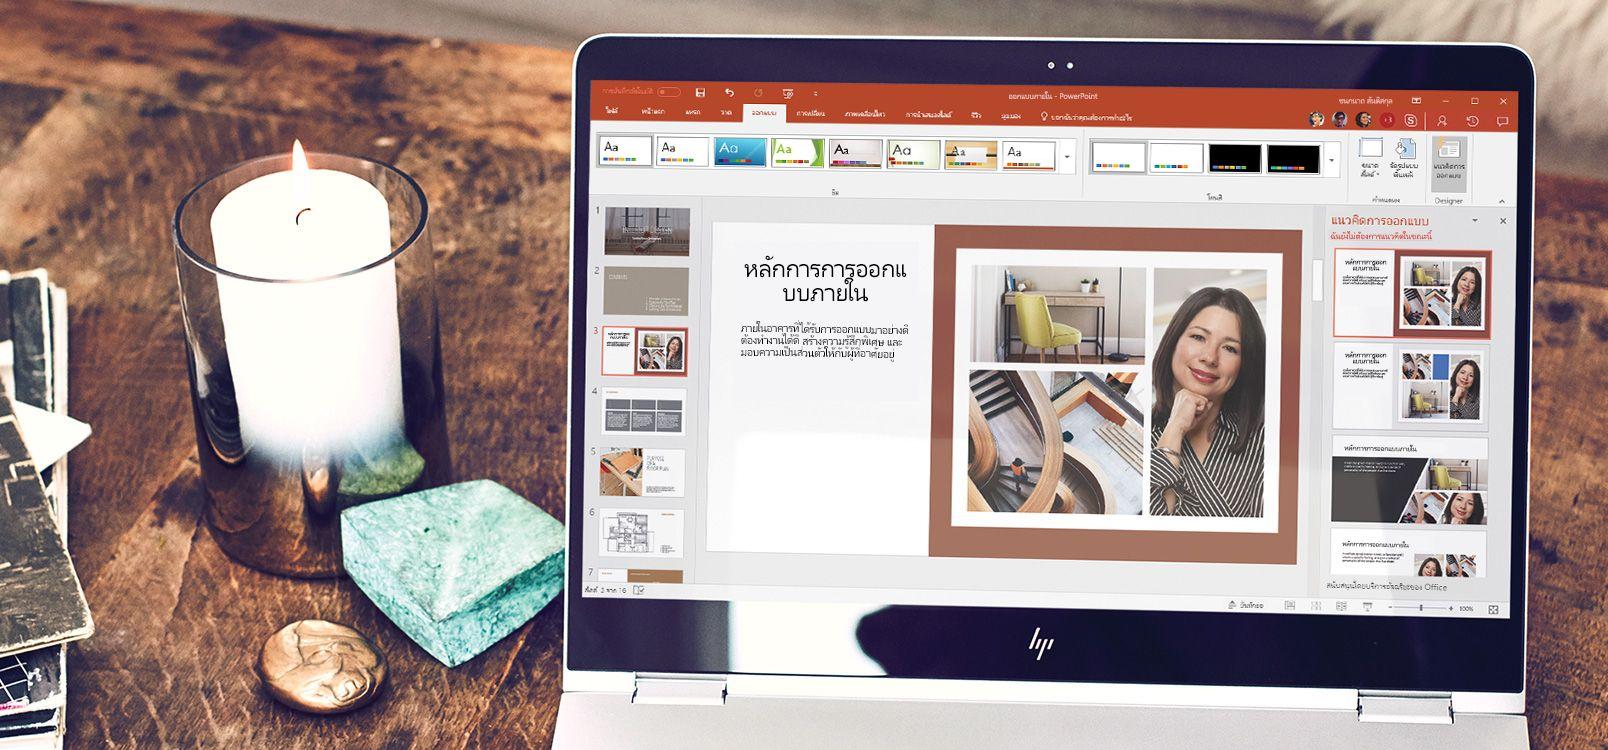 หน้าจอแล็ปท็อปแสดงเอกสาร PowerPoint ที่ใช้ฟีเจอร์ PowerPoint Designer